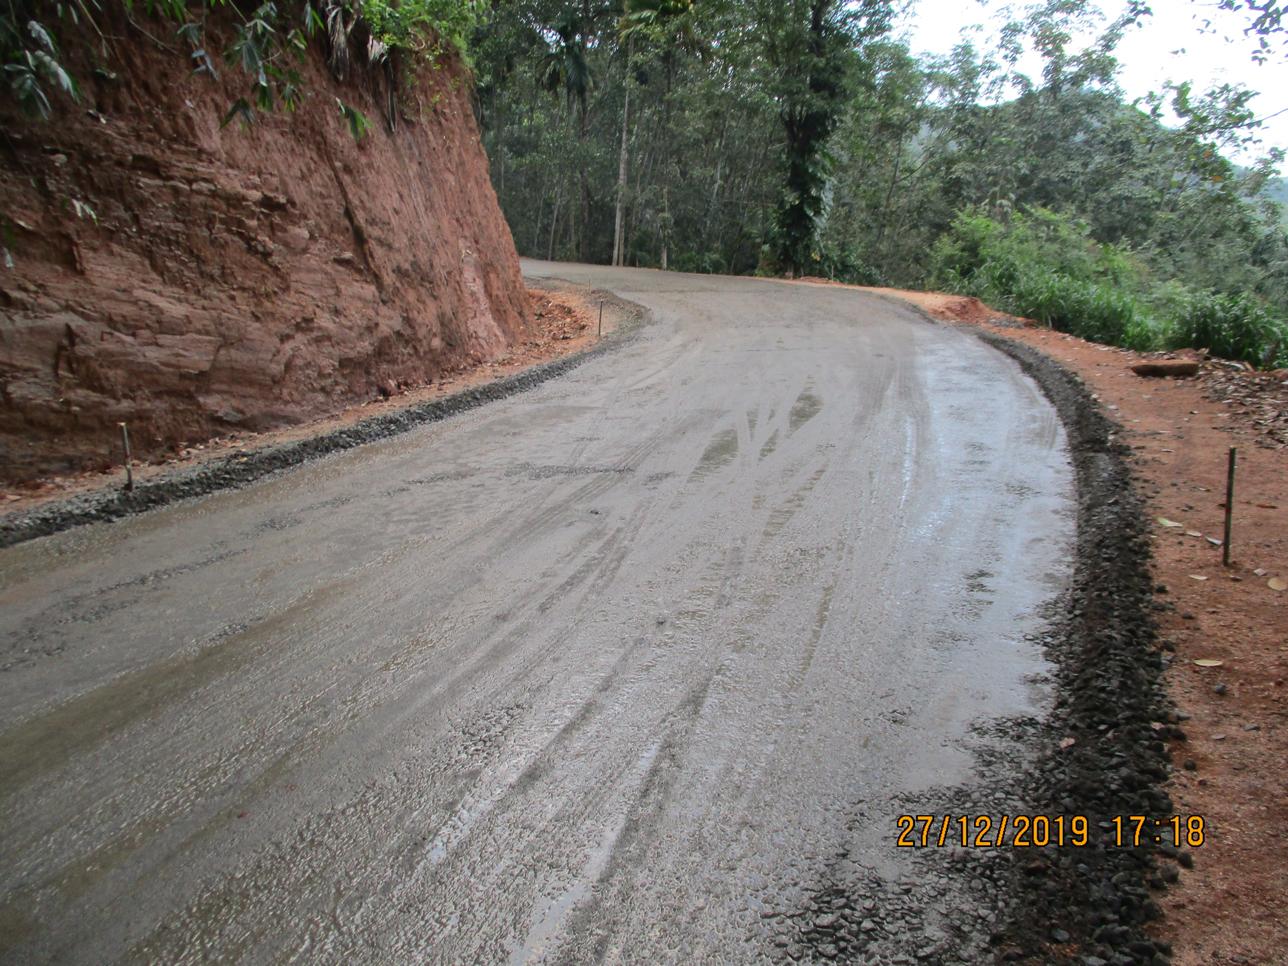 Alwathura – Yatapana – Kotiyakubura Road